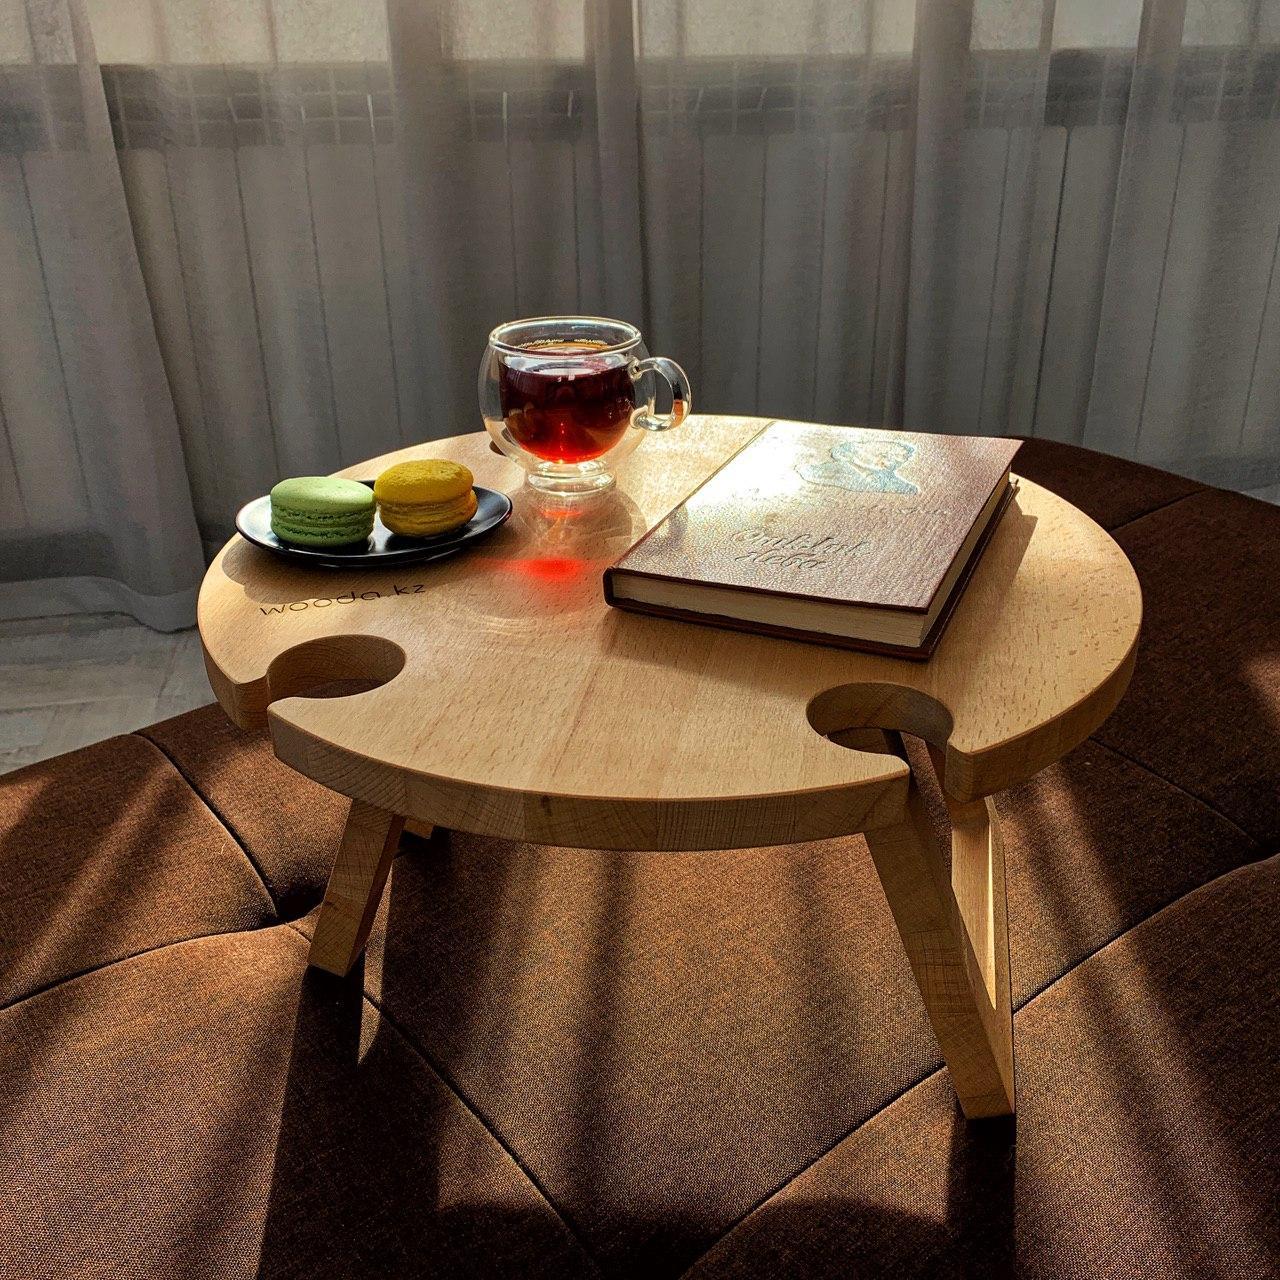 Круглый столик для напитков.